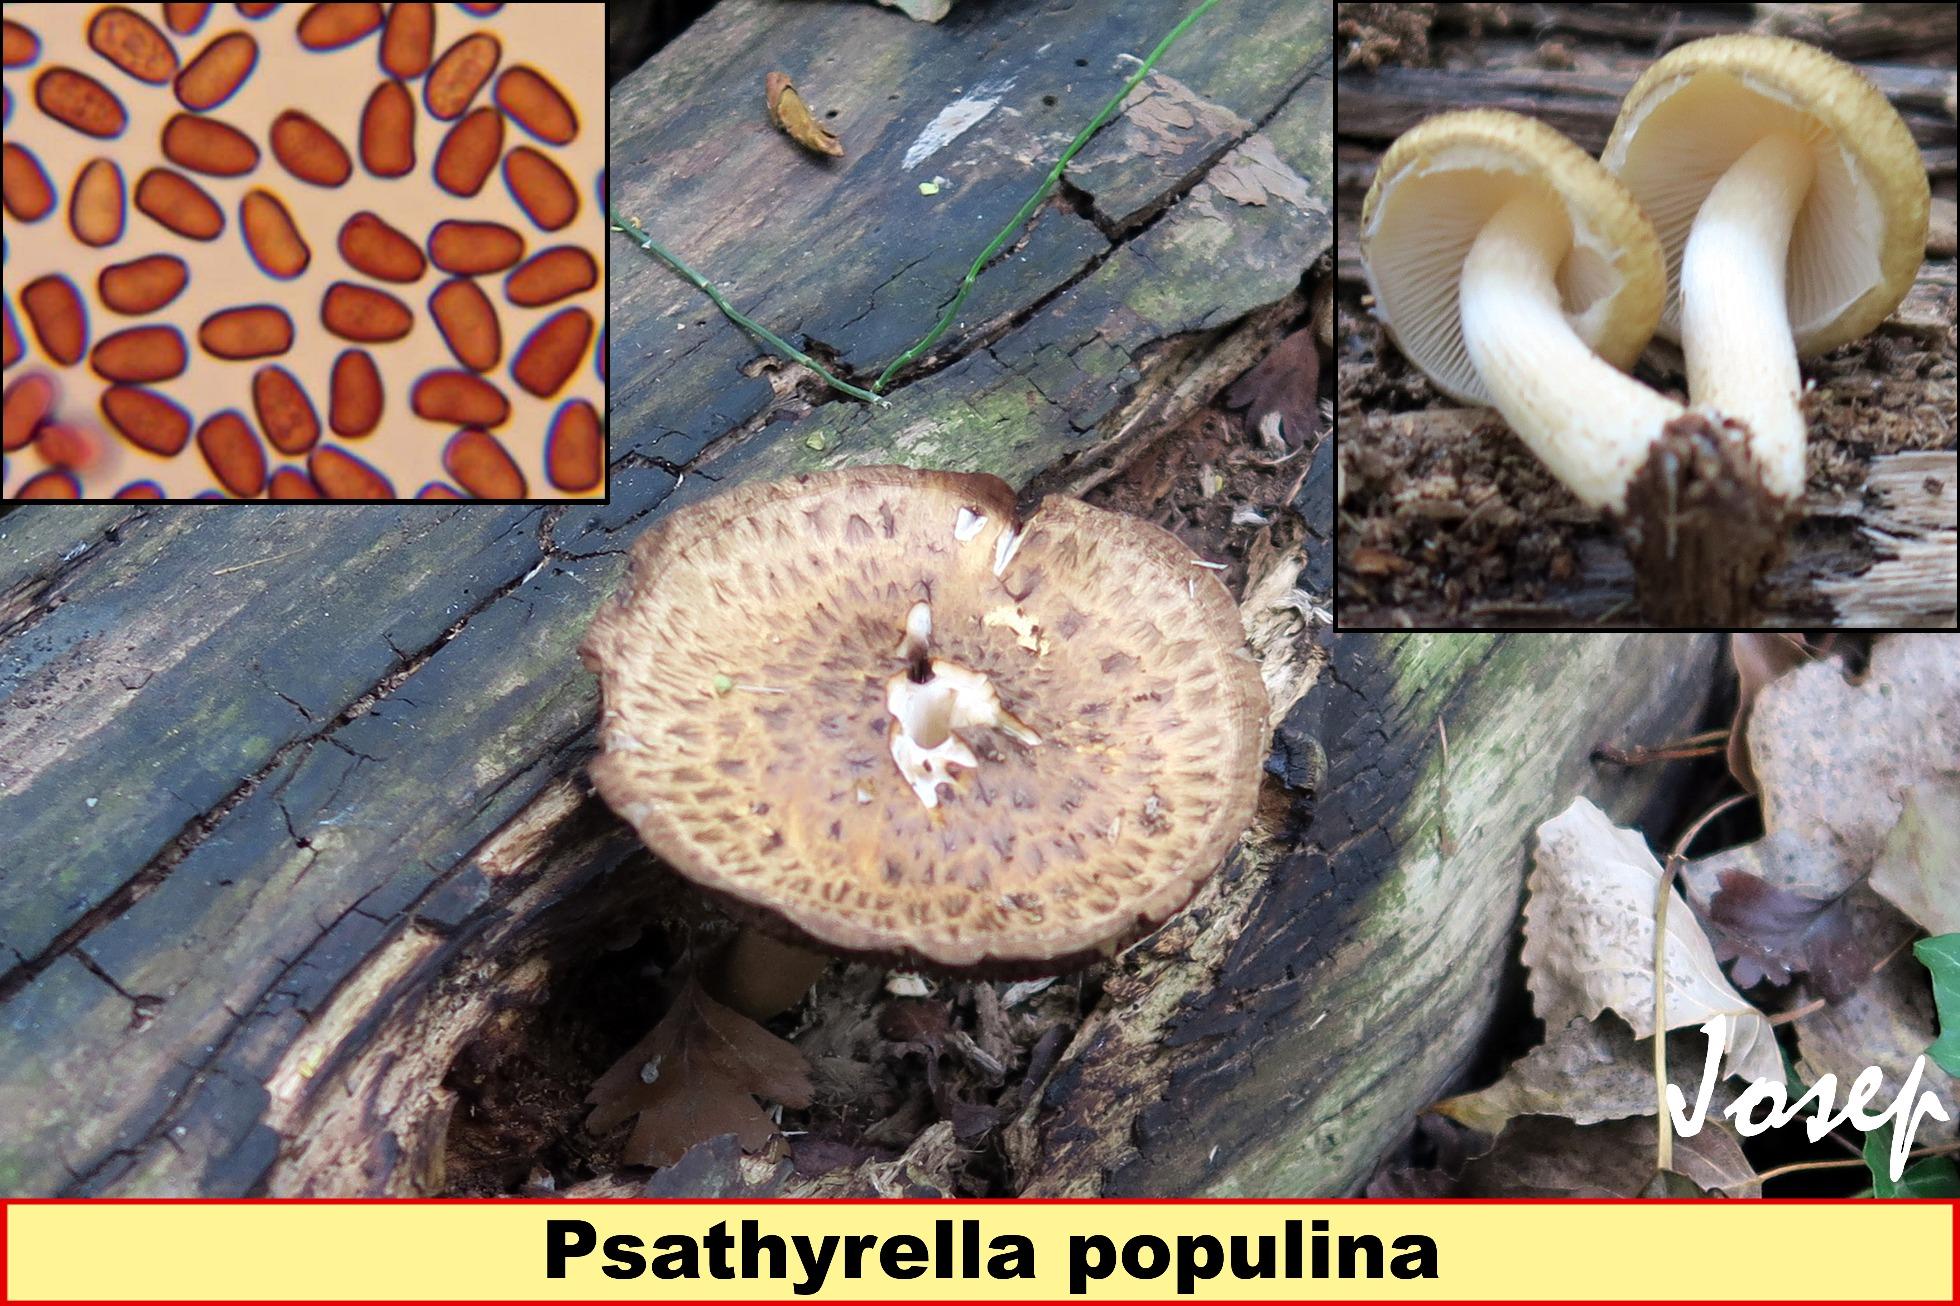 Psathyrellapopulina.jpg